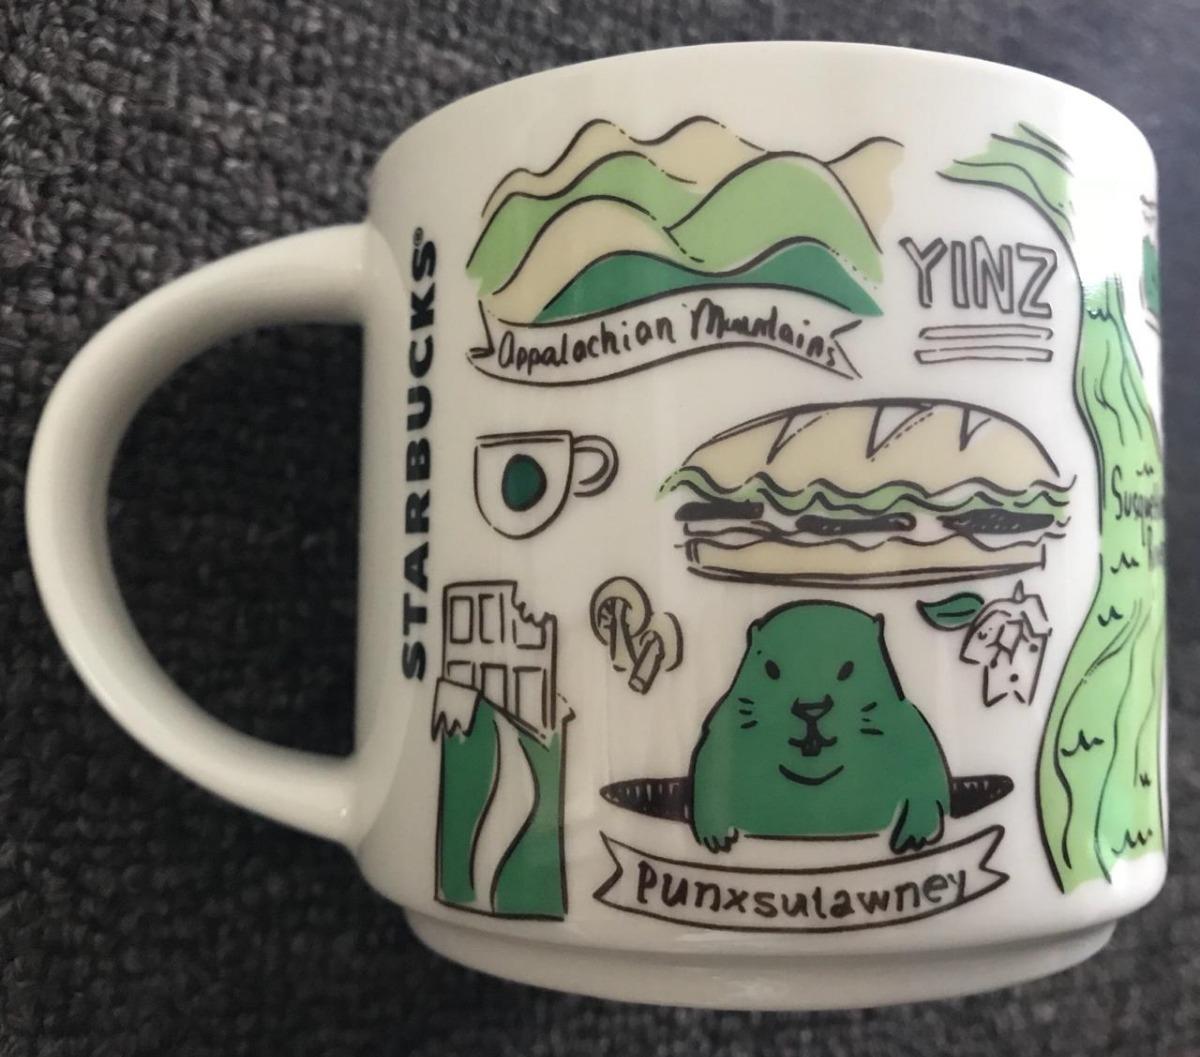 Taza There Mug Been Starbucks Usa Pennsylvania mNn8wv0